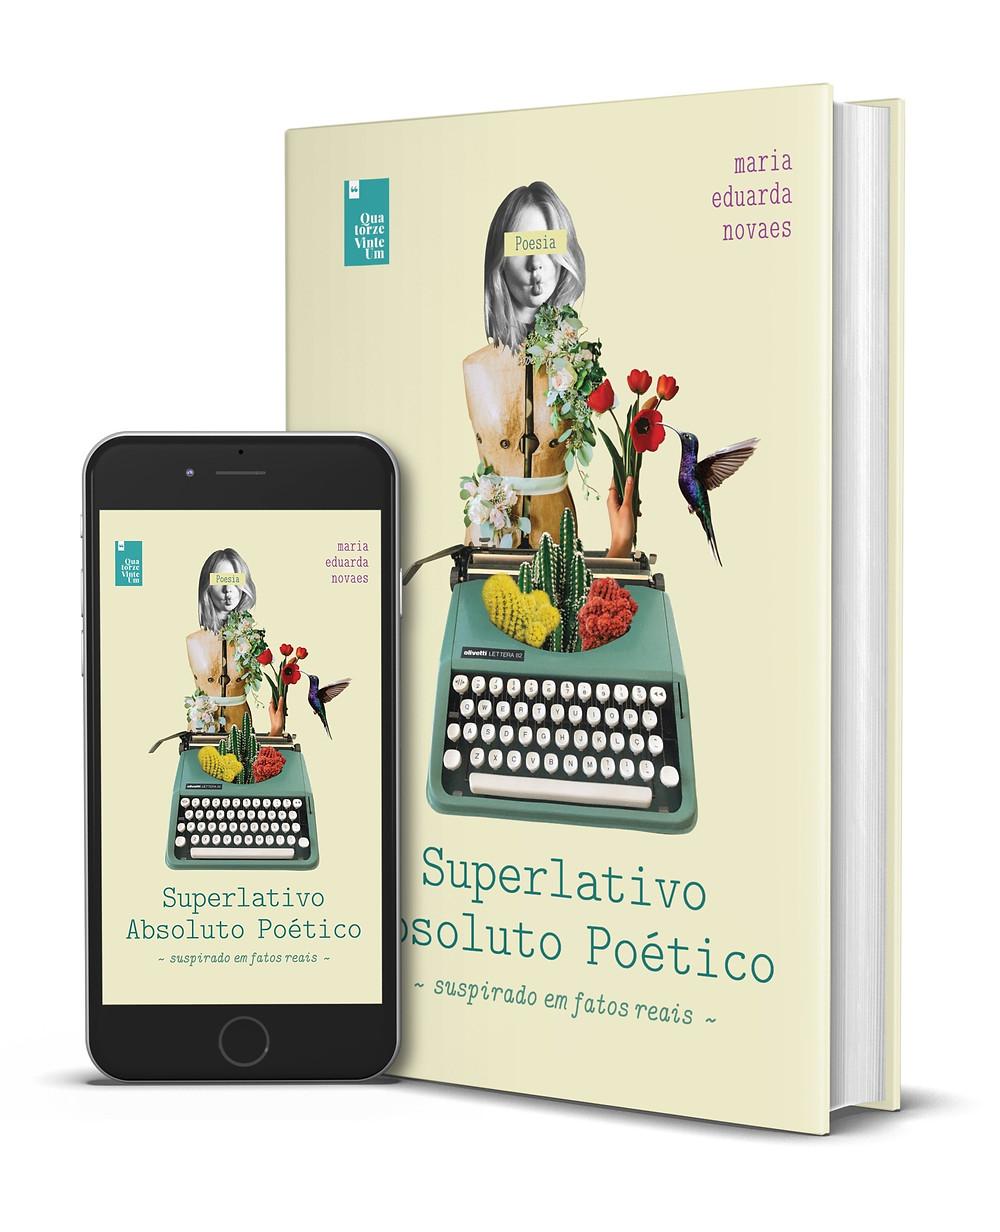 Reprodução da capa do livro Superlativo Absoluto Poético - Suspirado em fatos reais, de Maria Eduarda Novaes, em formato de livro impresso e de livro digital para leitura no celular